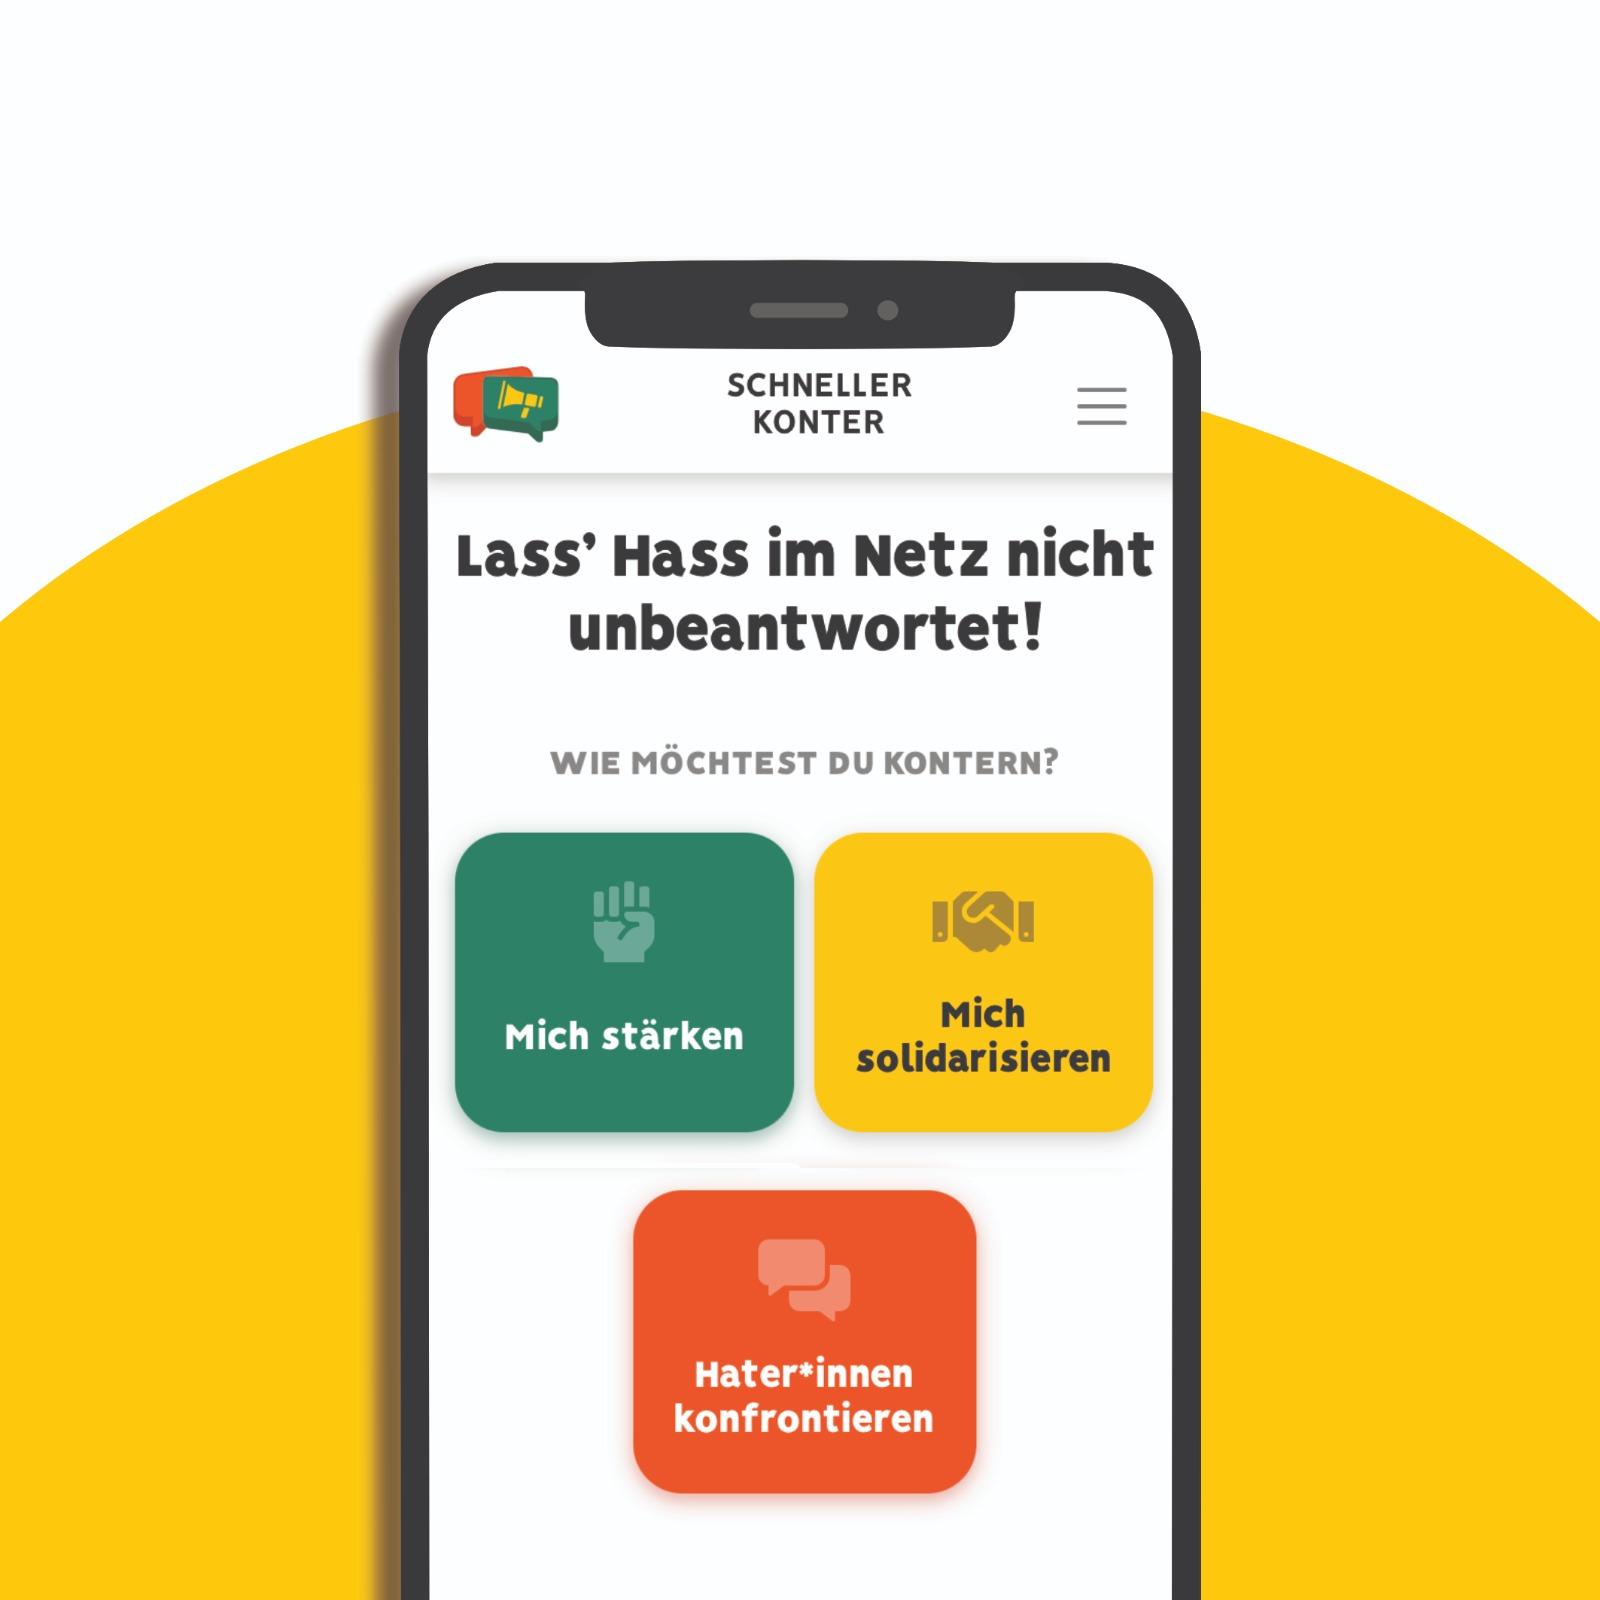 """Das Bild zeigt ein Handy auf dem steht """"Lass Hass im Netz nicht unbeantwortet"""""""